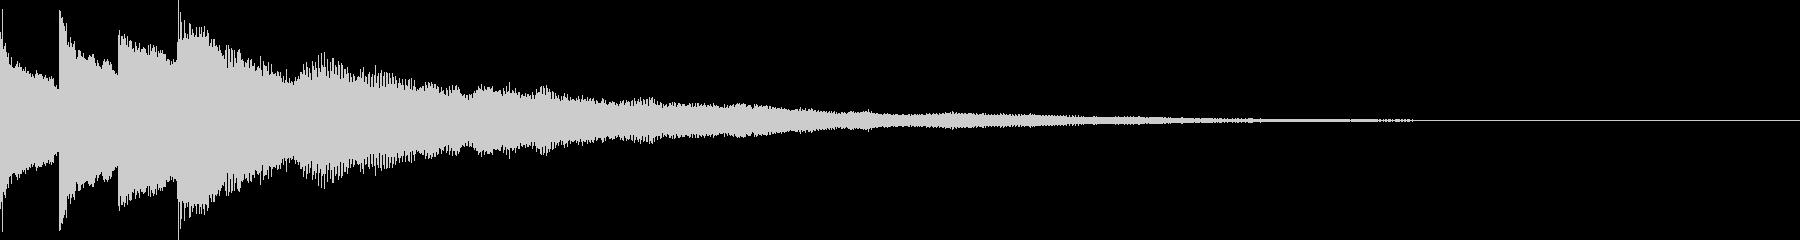 アイキャッチ用ジングル4 - ベル+αの未再生の波形